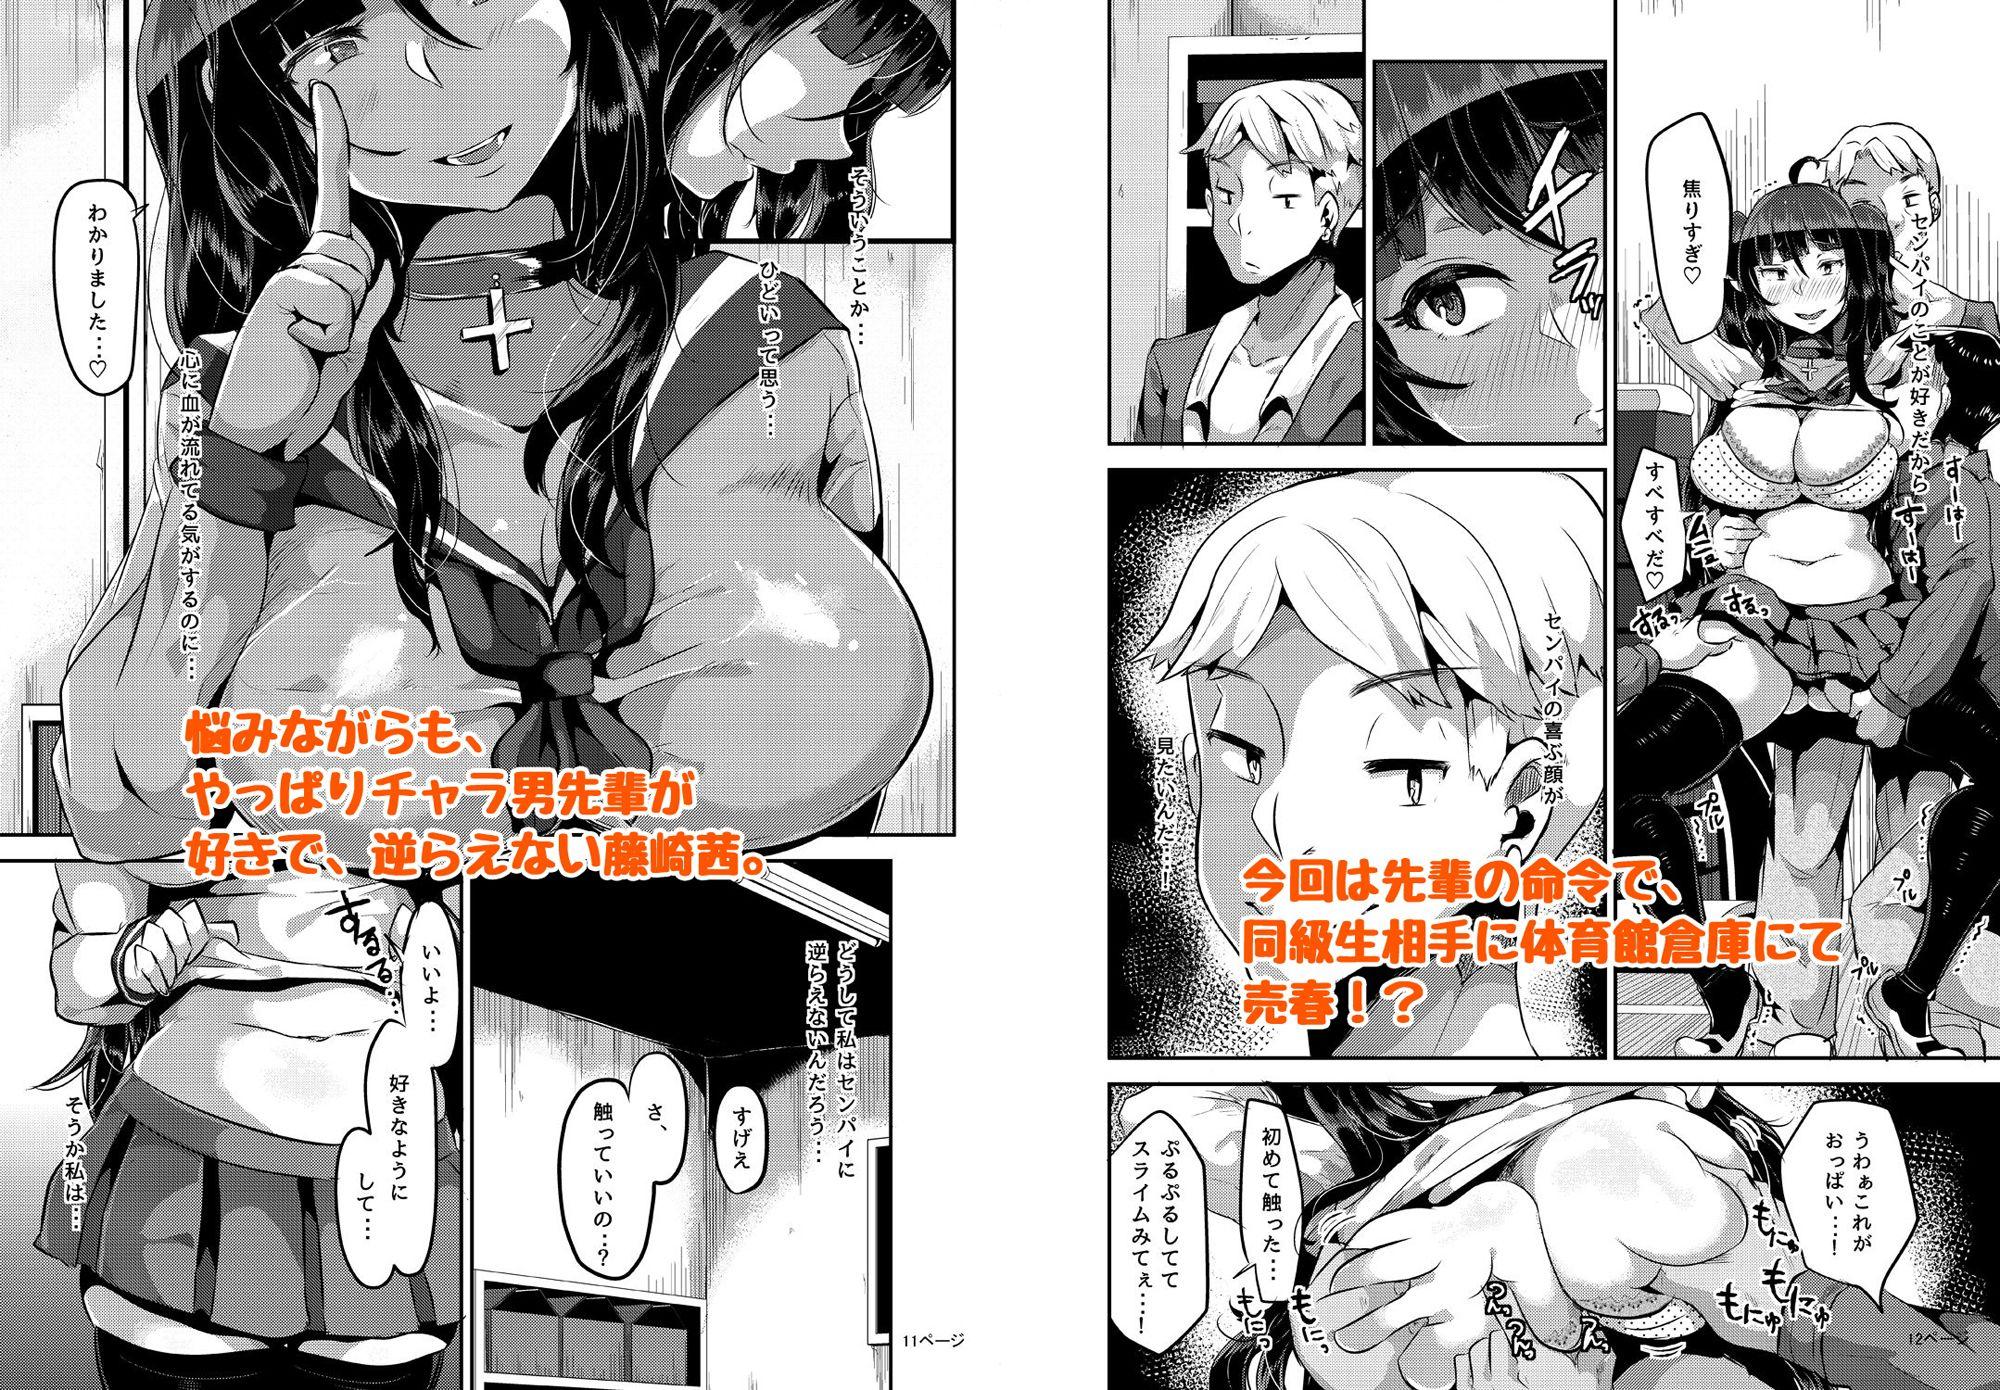 ツインテールビッチな巨乳の女の3P4P中出しフェラ売春・援交ヤンデレパイズリ寝取り・寝取られの同人エロ漫画。